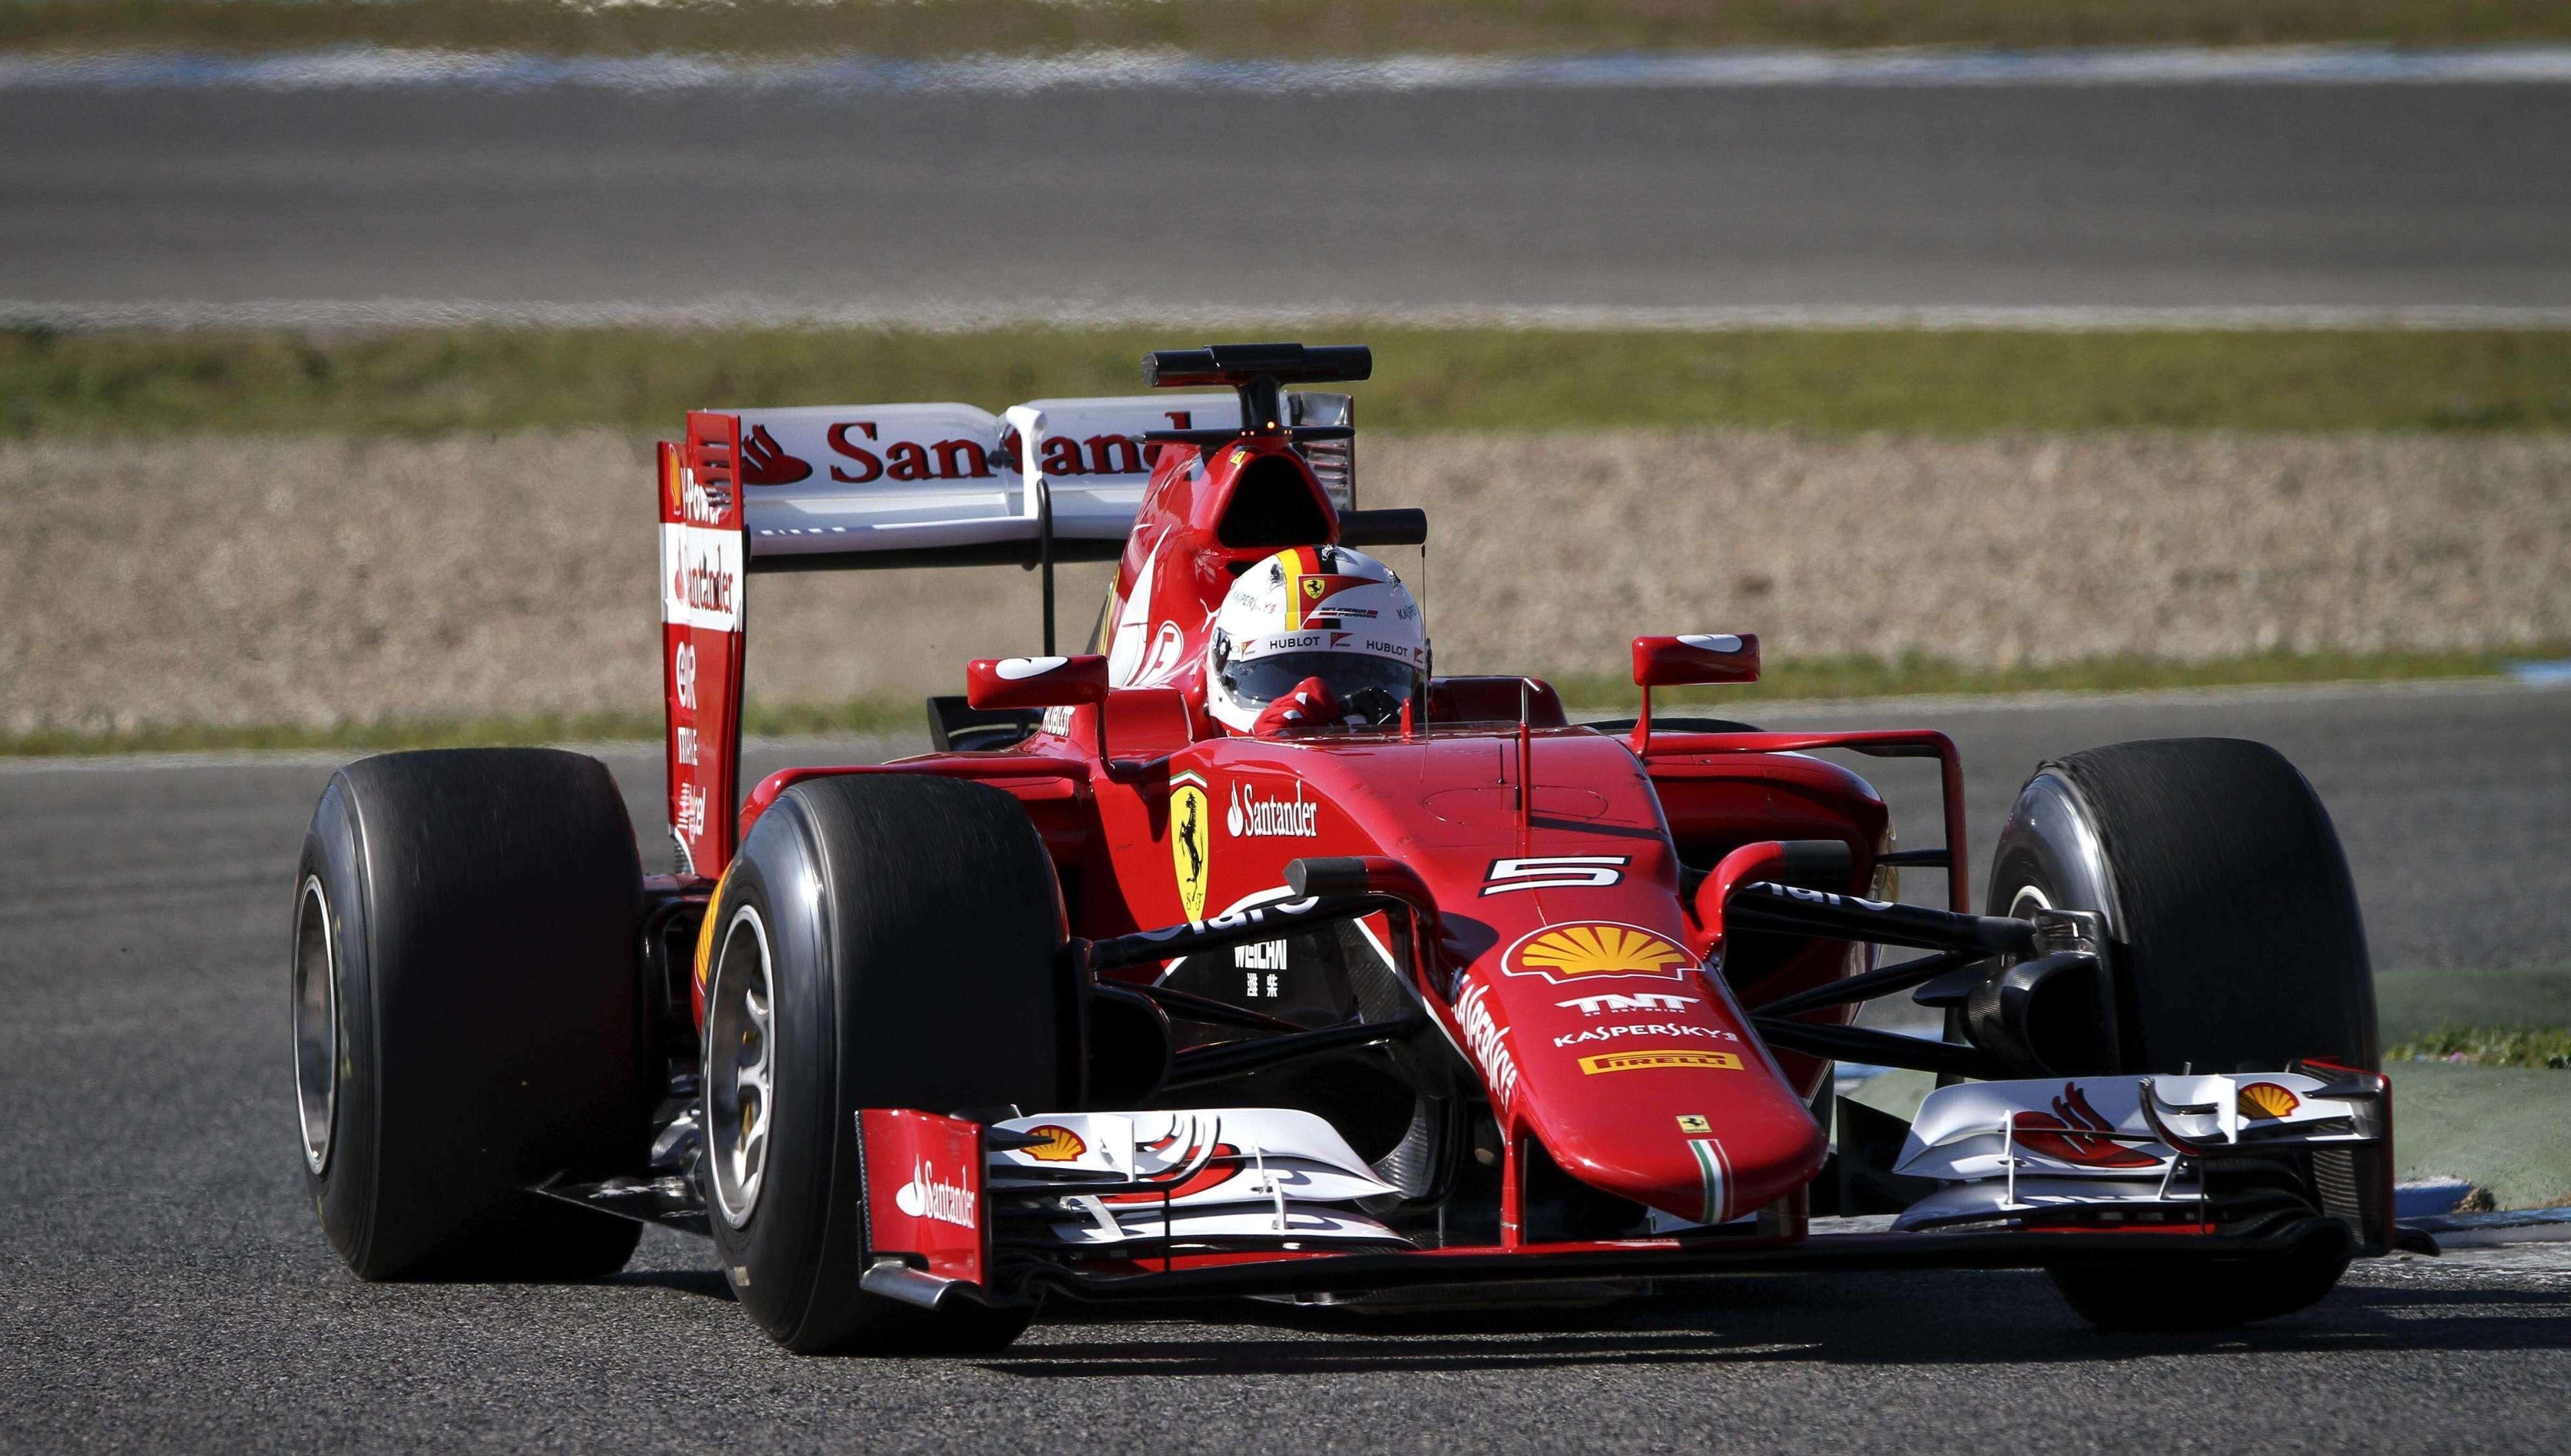 El piloto alemán de la escudería Ferrari, Sebastian Vettel, durante la primera serie de entrenamientos de pretemporada para el Muncial de Fórmula Uno de 2015, en el circuito de Jerez de la Frontera. Foto: EFE en español